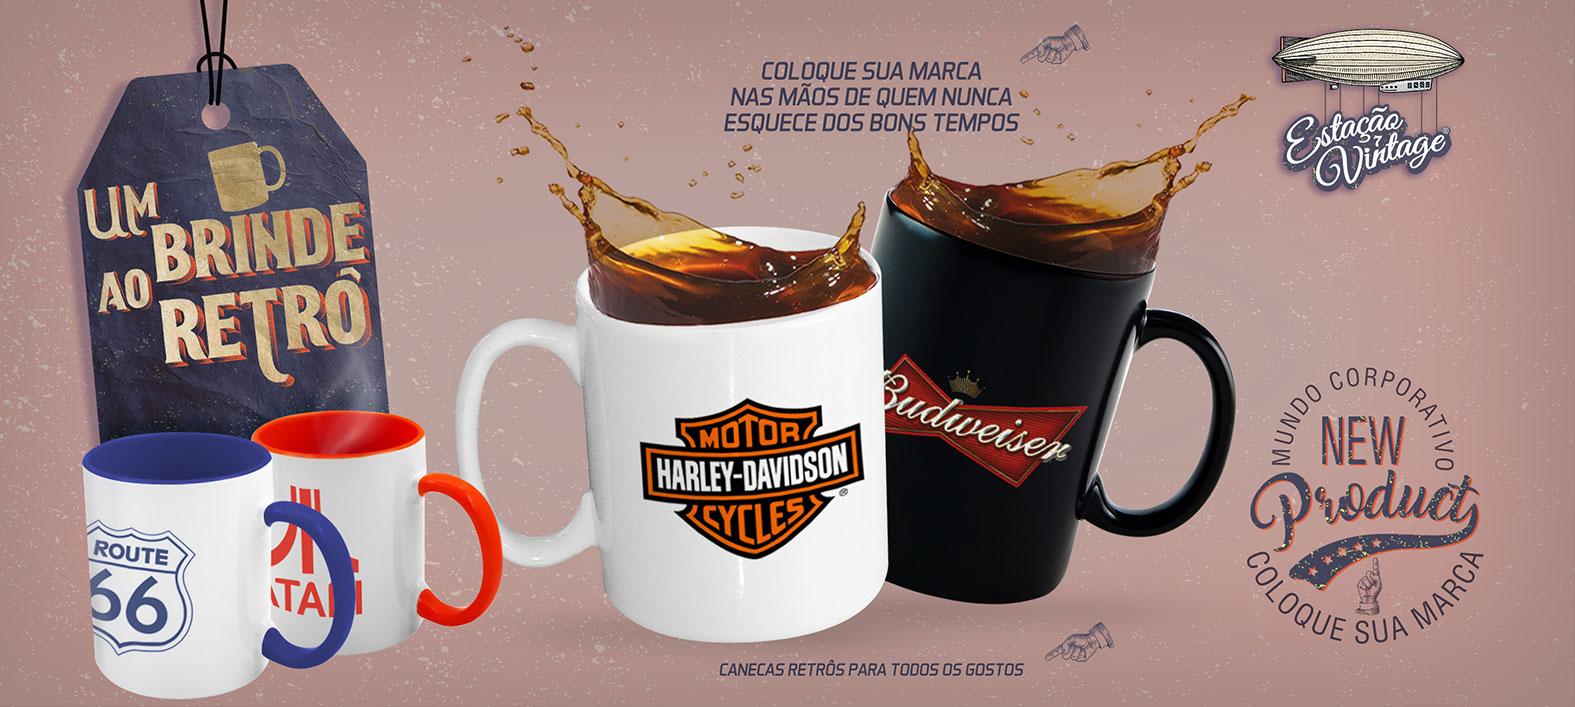 Canecas - Brinde Retrô